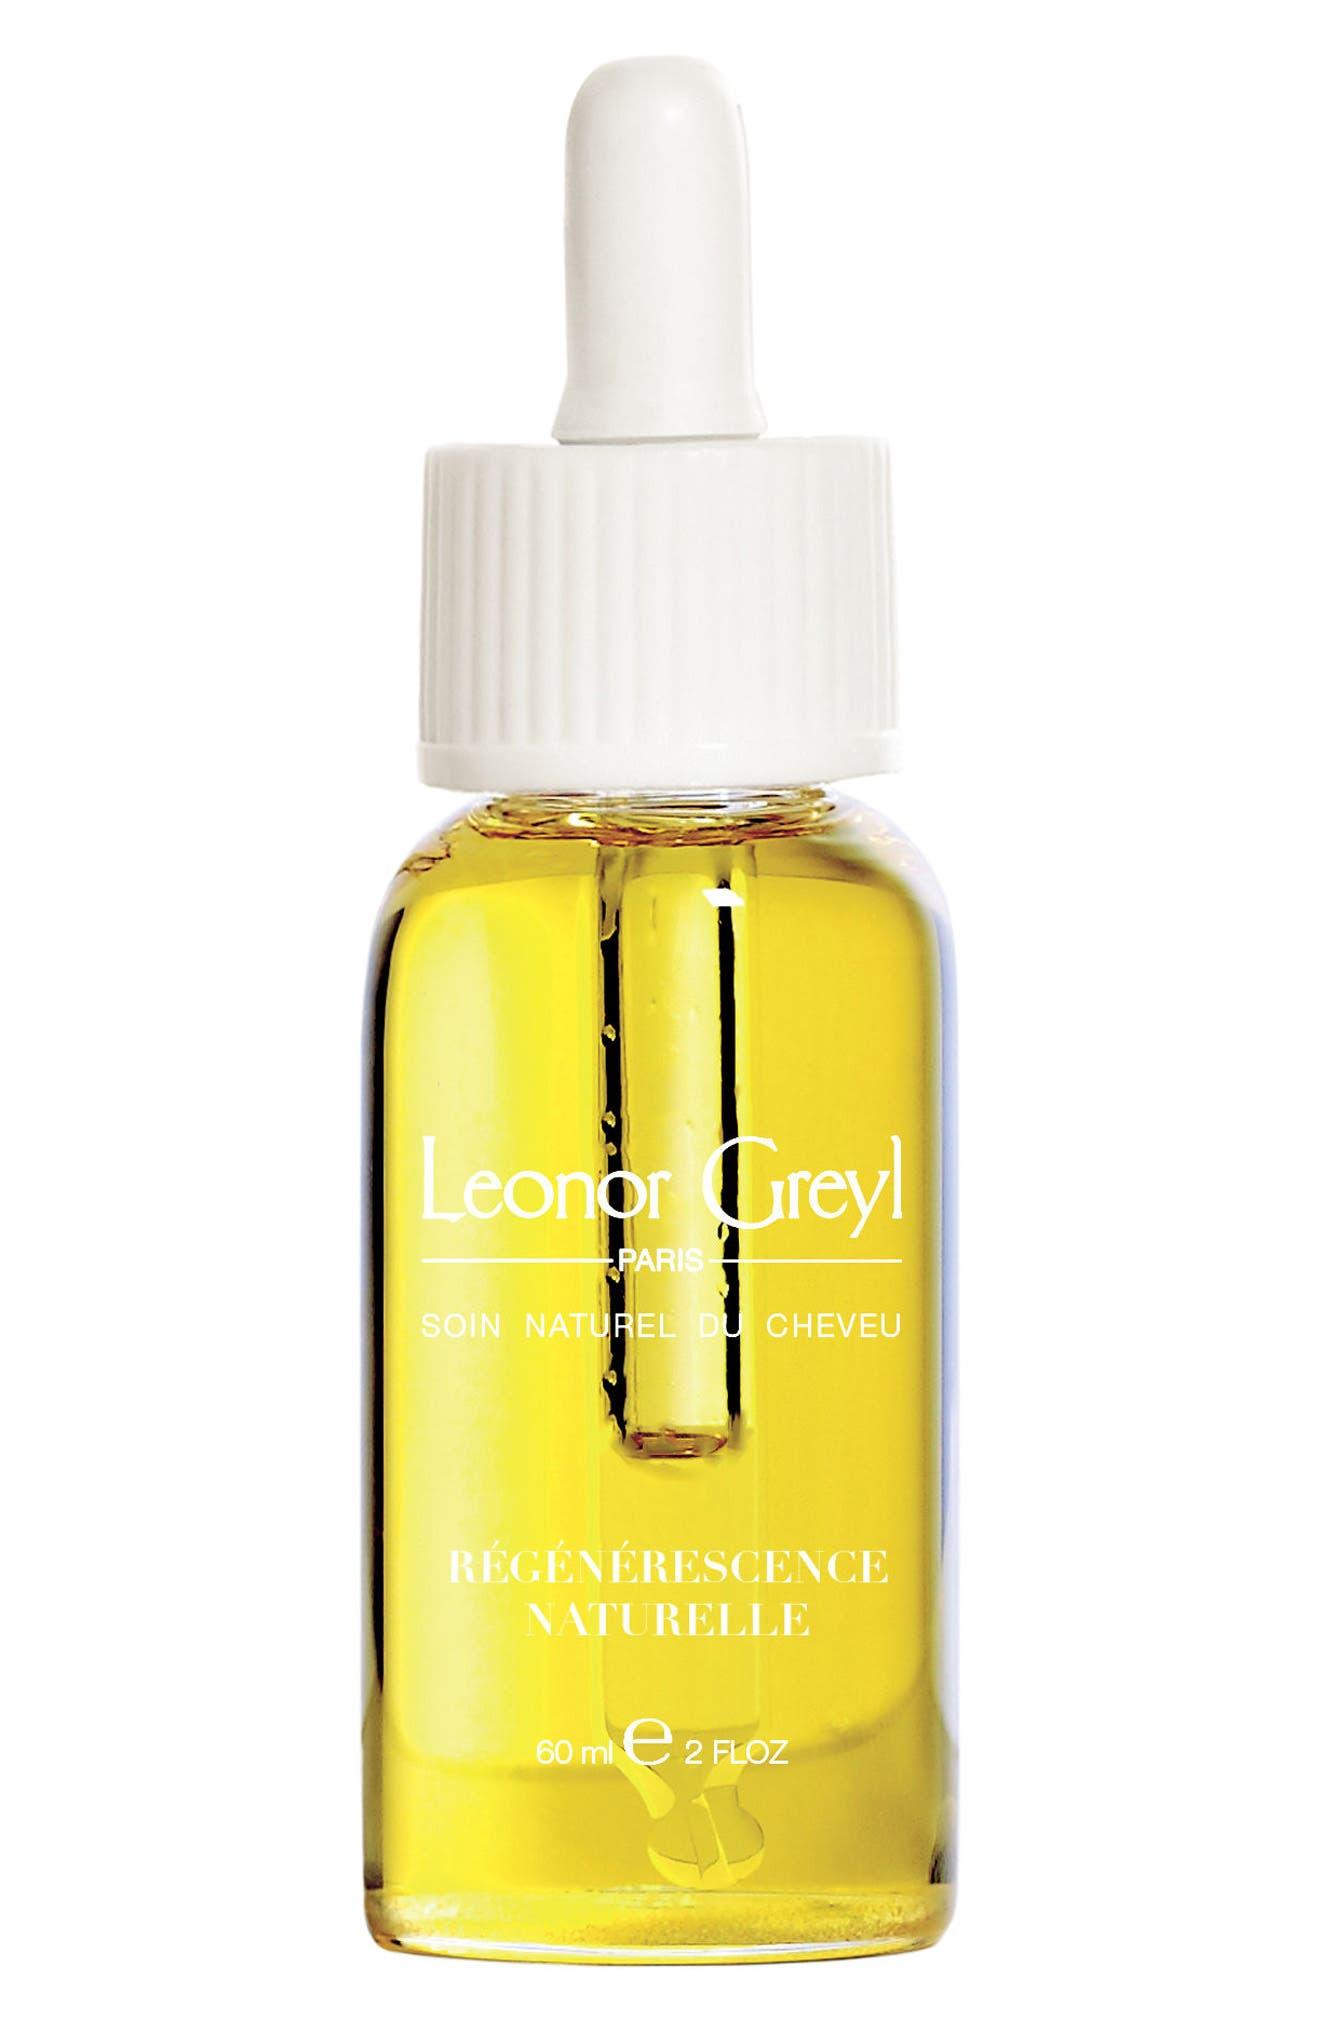 LEONOR GREYL PARIS Régénérescence Naturelle Pre-Shampoo Treatment, Main, color, NO COLOR